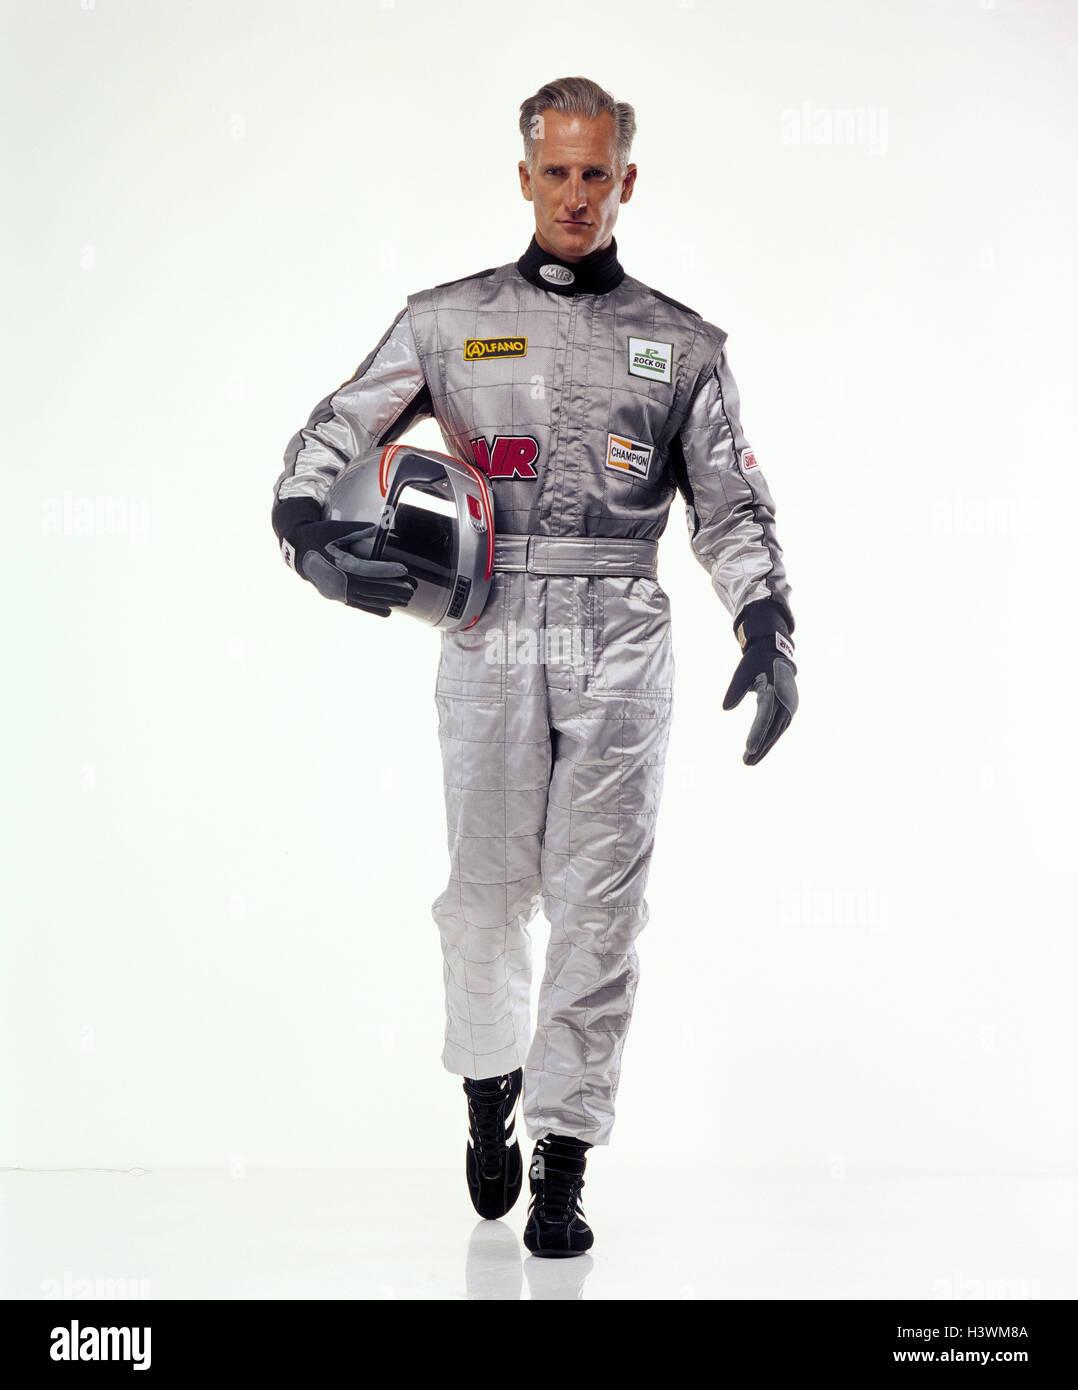 Motor Sport, piloto de carreras, en general, casco, plata, movimiento, vaya deporte de carreras, deporte, hombre, Imagen De Stock